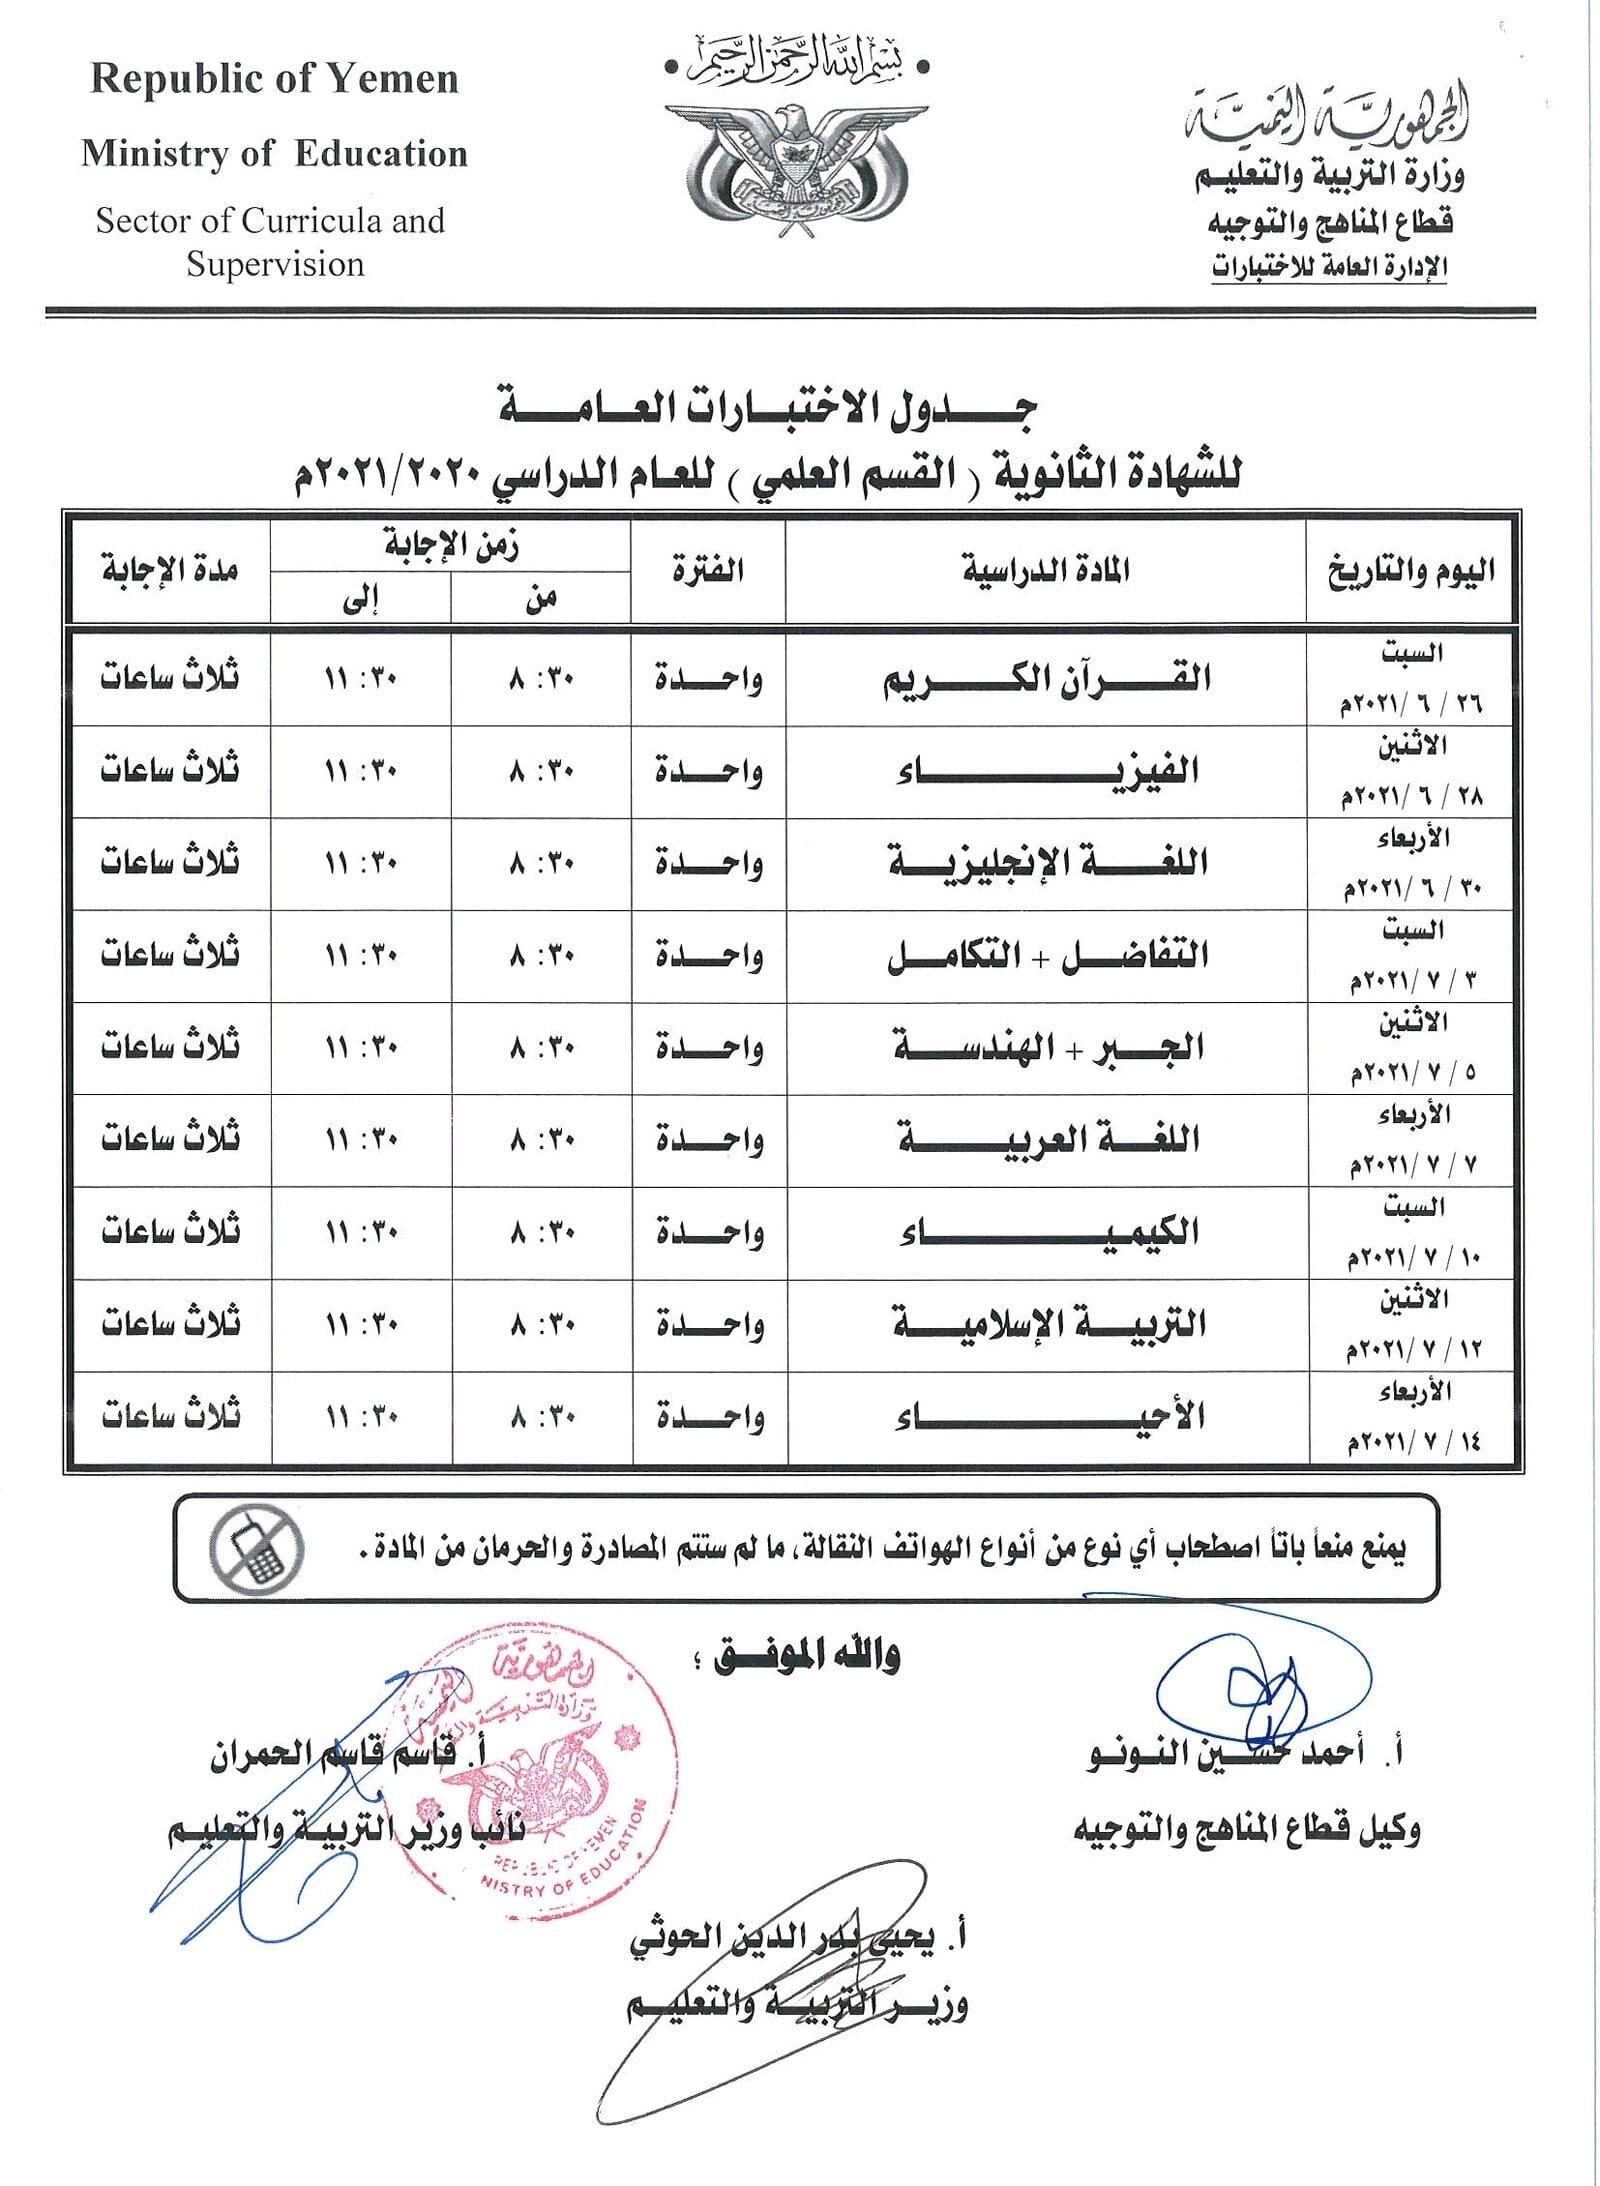 جدول اختبارات ثالث ثانوي القسم العلمي للعام الدراسي 2020-2021